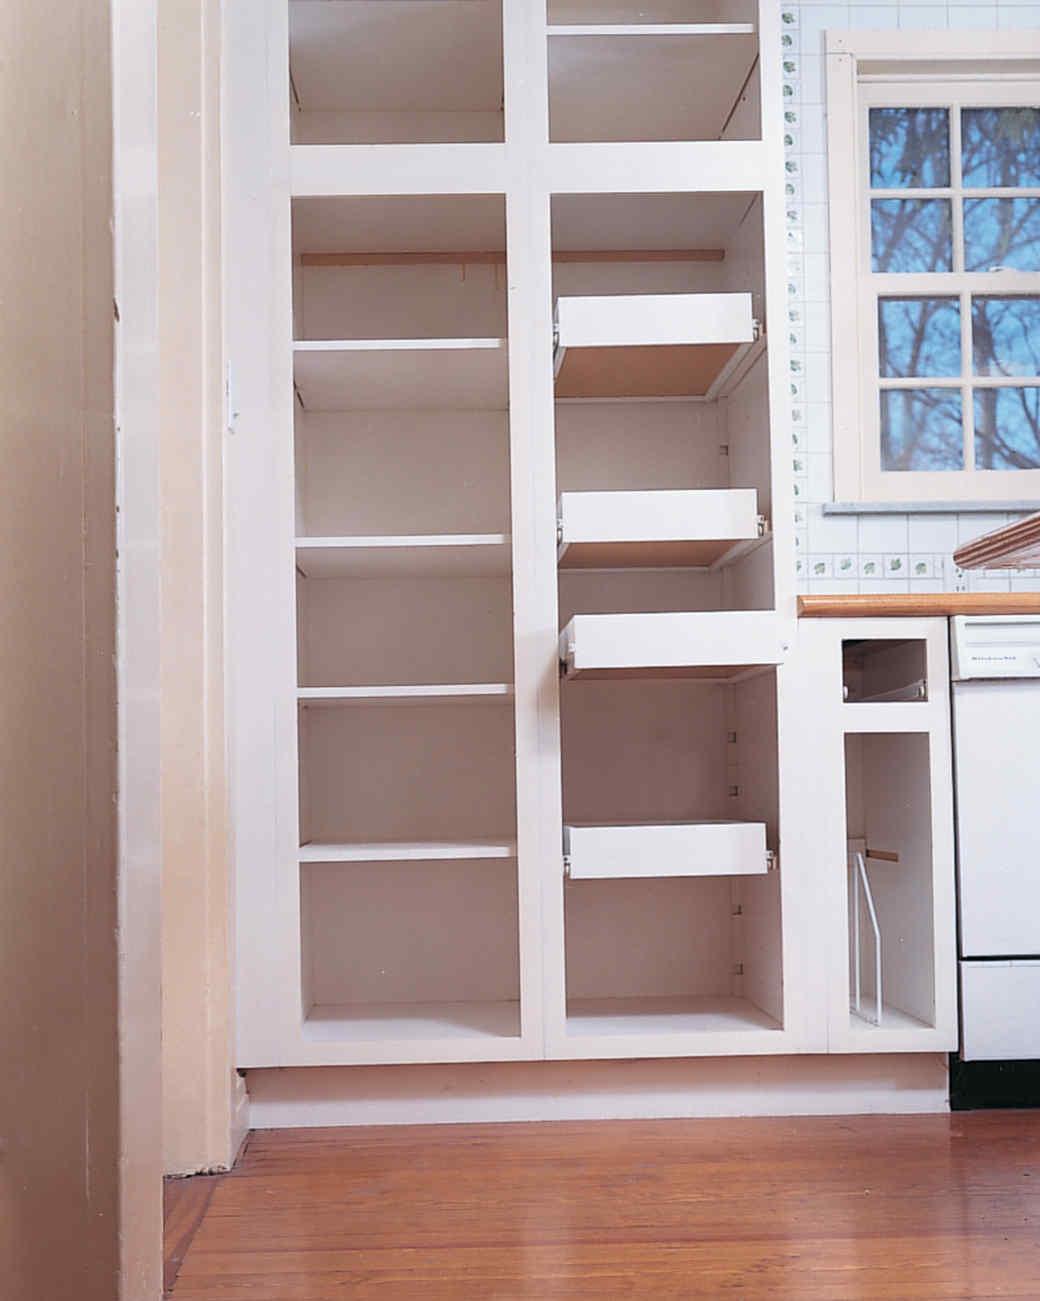 kitchen-redefined-14-d99349-0915.jpg